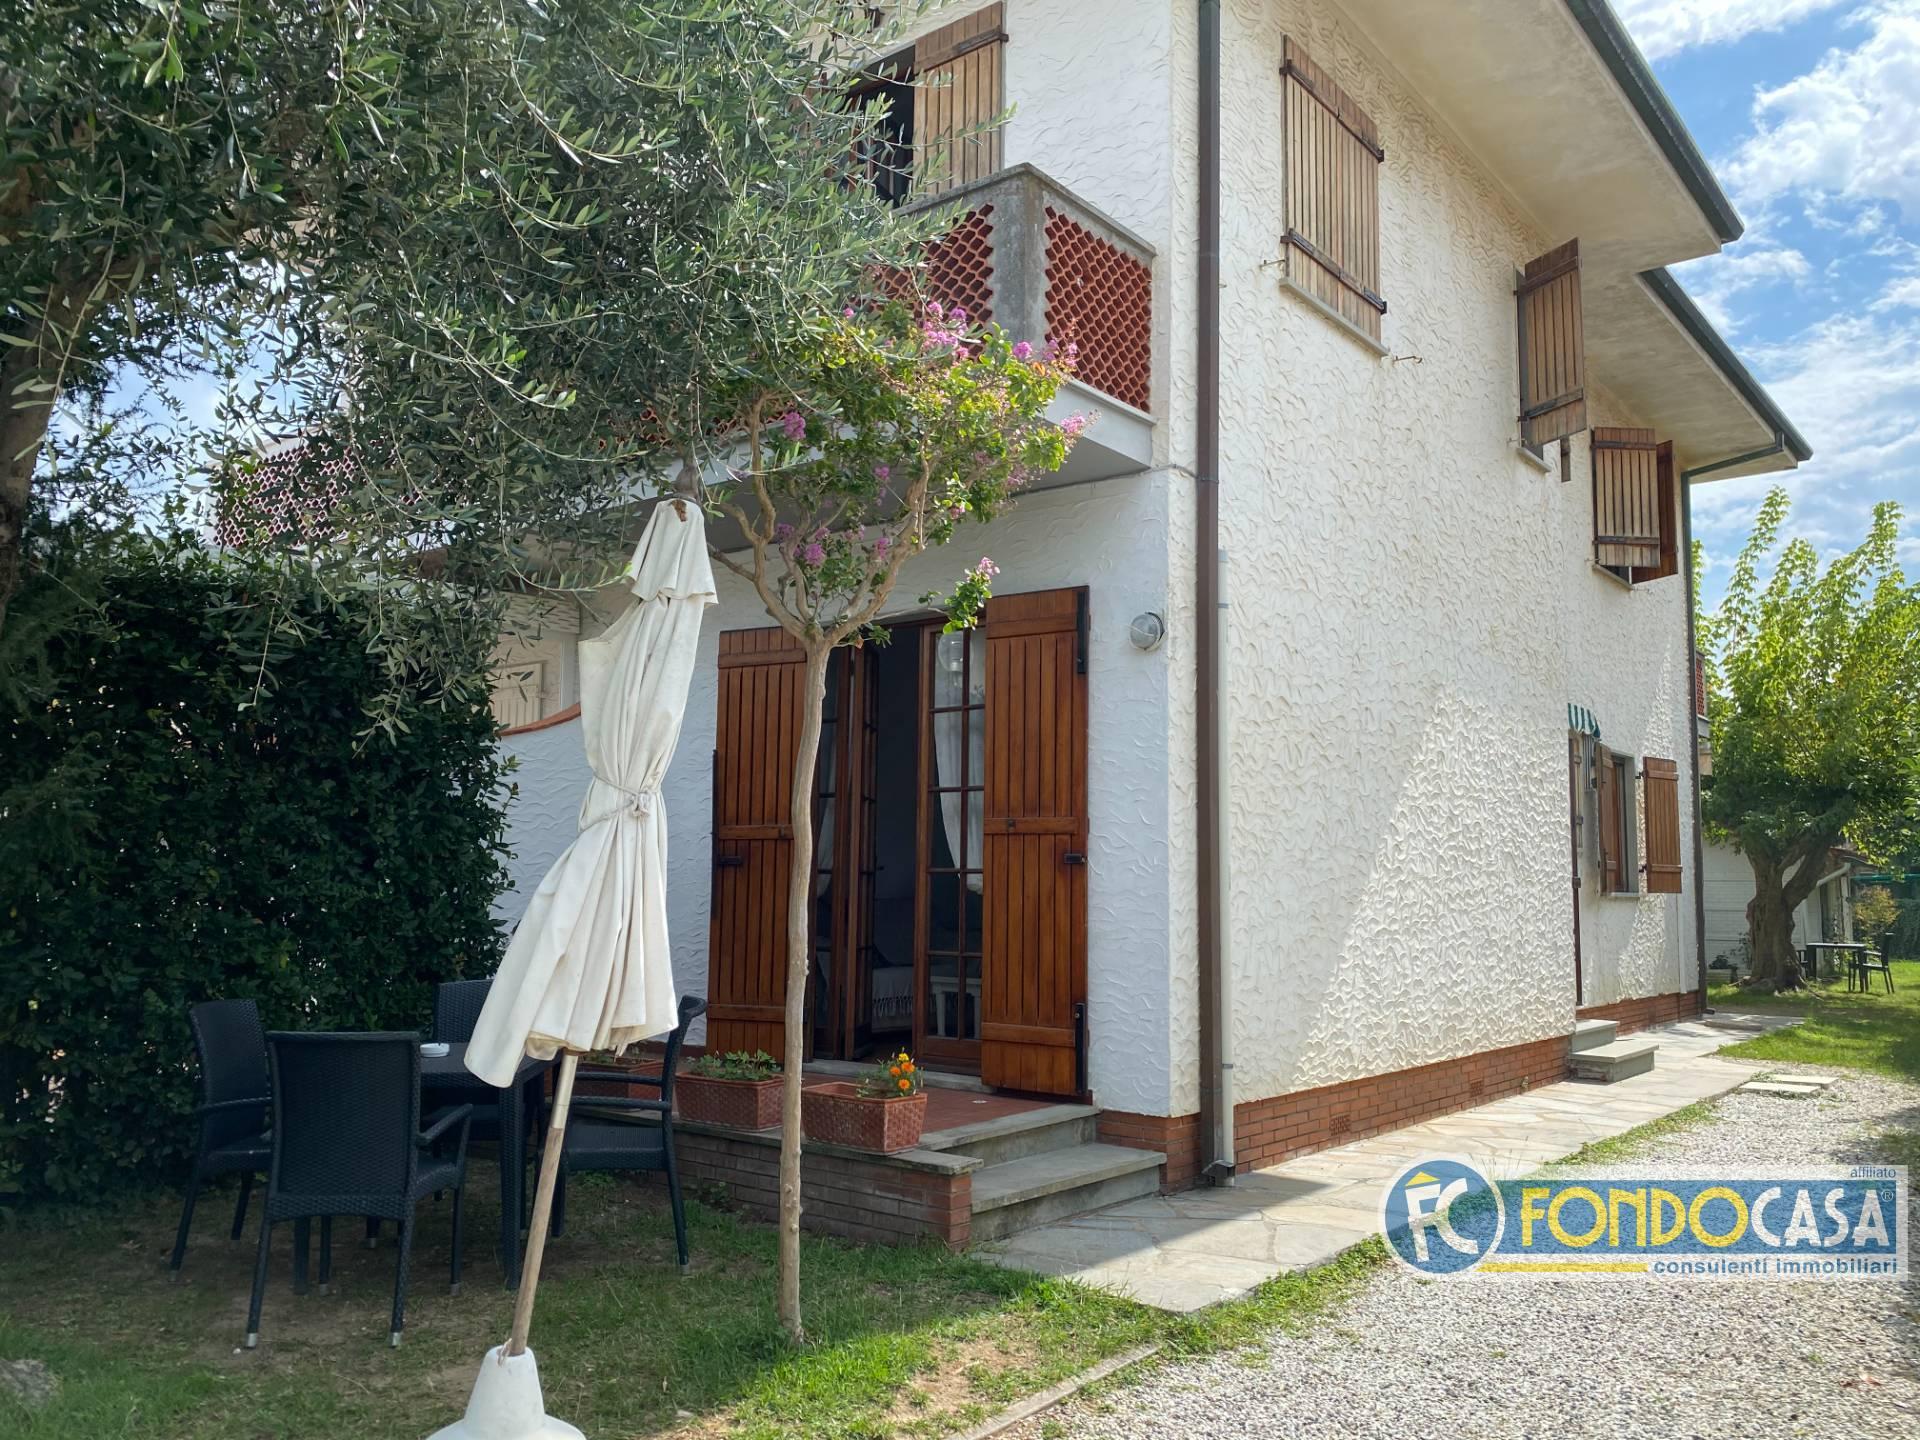 Villa Bifamiliare in vendita a Montignoso, 3 locali, zona Zona: Cinquale, prezzo € 399.000   CambioCasa.it